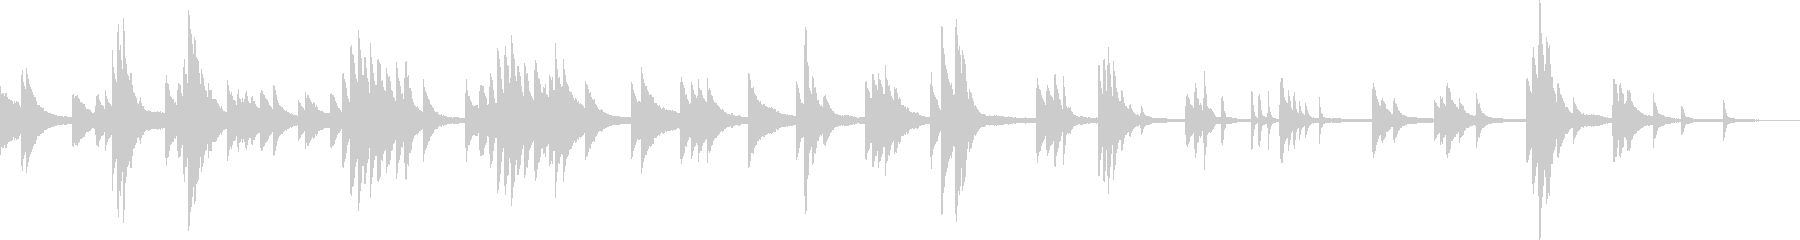 雄大な自然(ピアノ・しっとり・幻想的)の未再生の波形